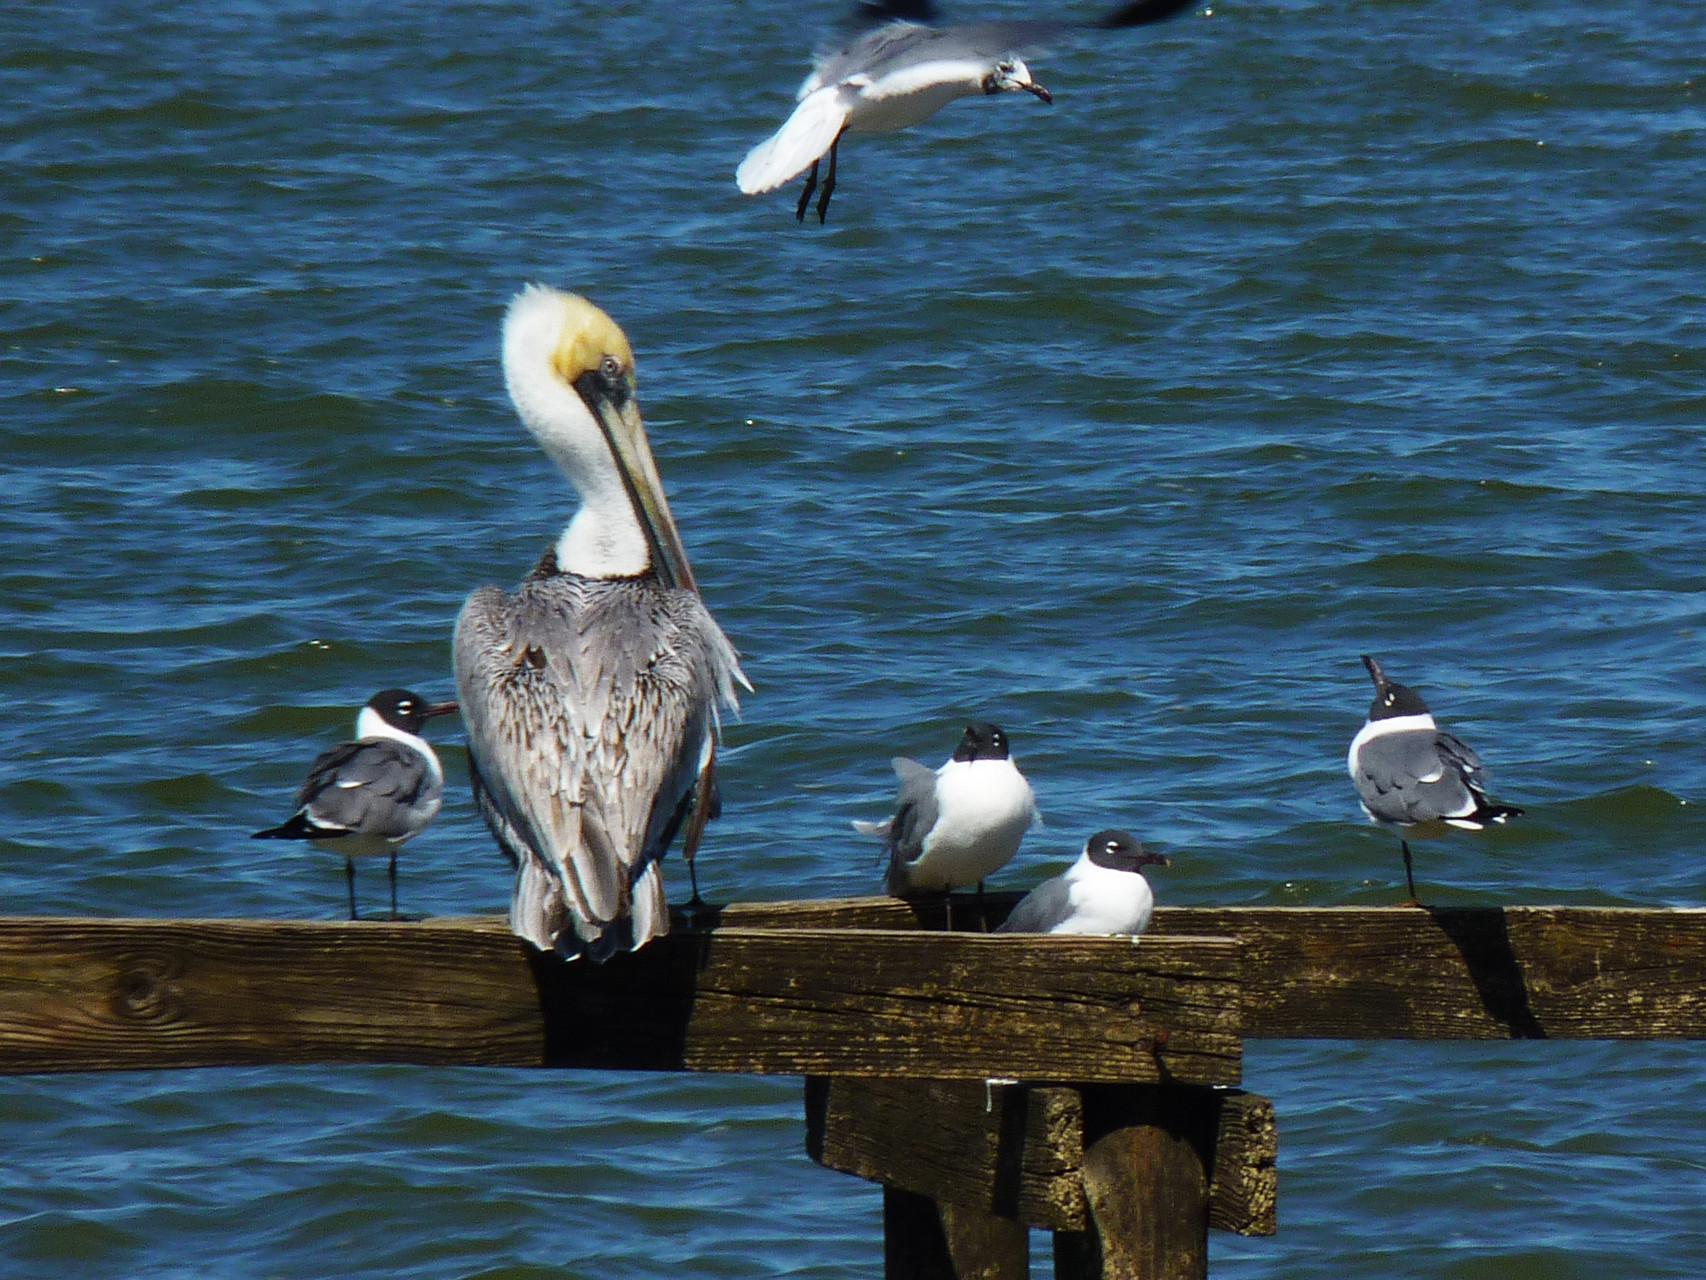 06_Pelikan (pelican) in Fort Walton Beach in Florida